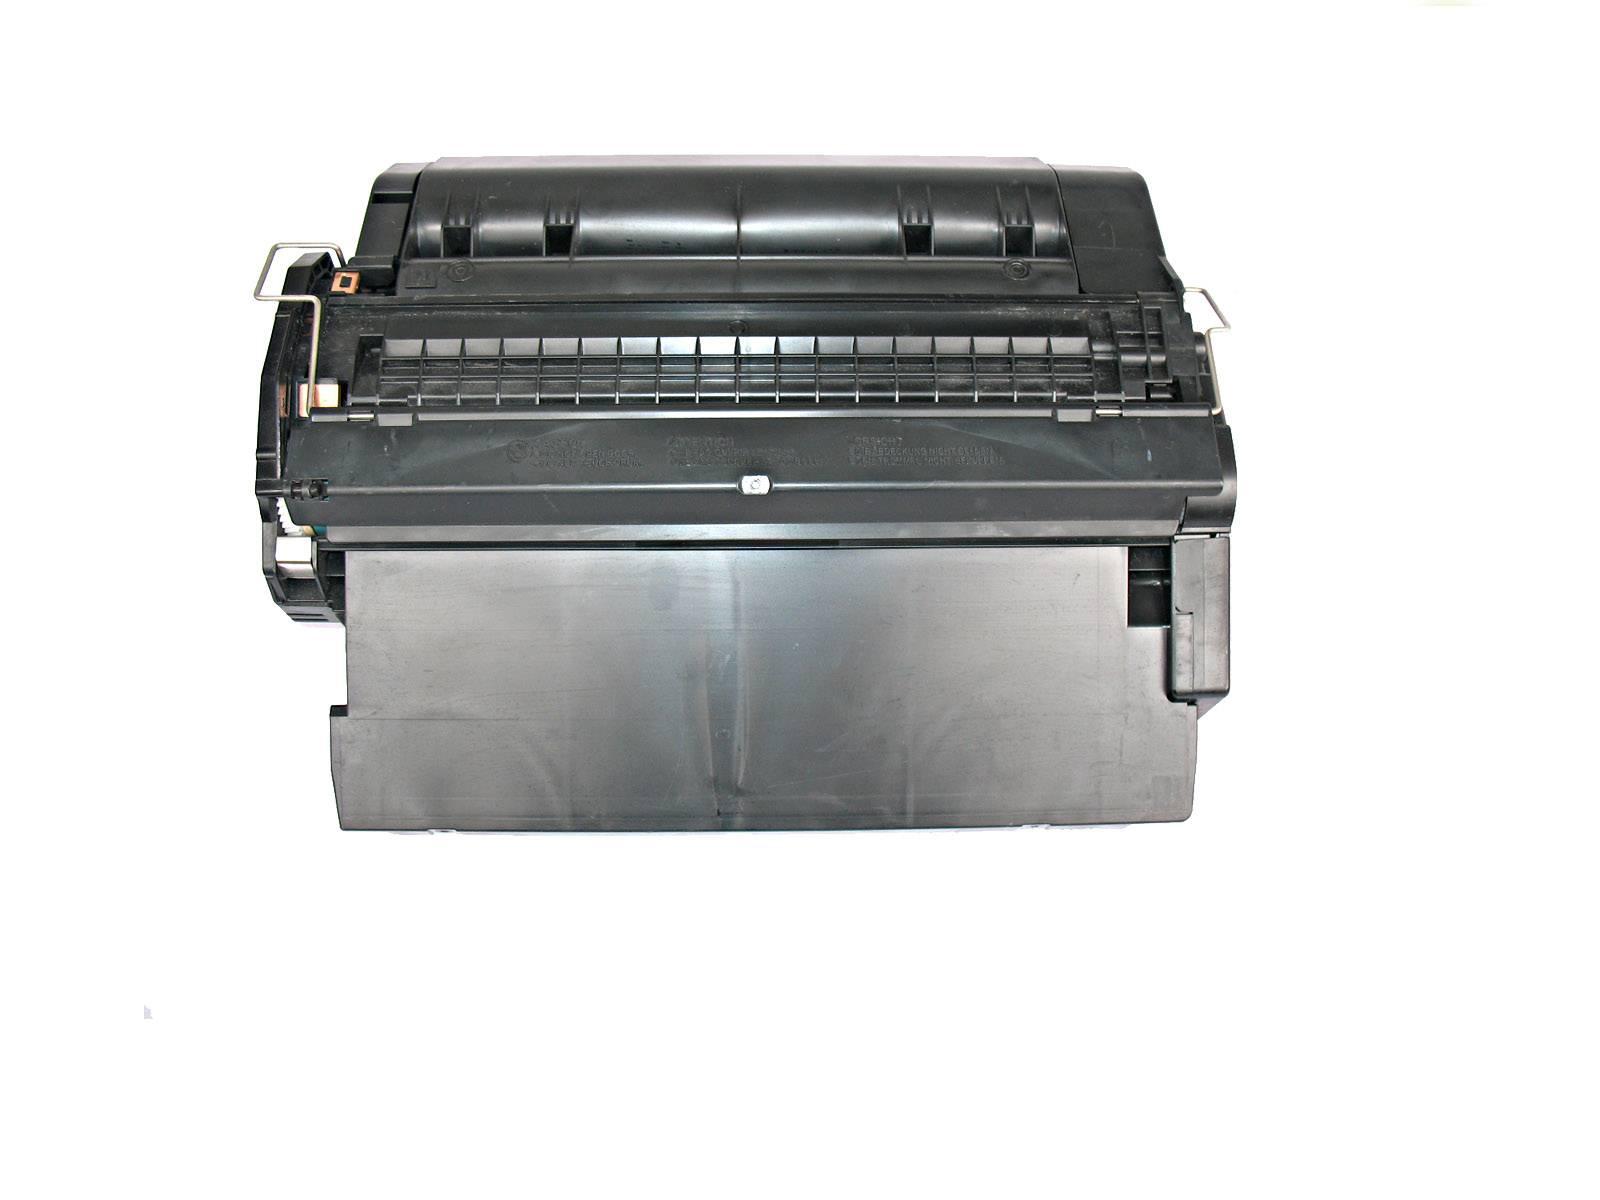 Black Compatible Toner Cartridge for HP Printer Q5942A / Q5945A / Q1338A / Q1339A Universal